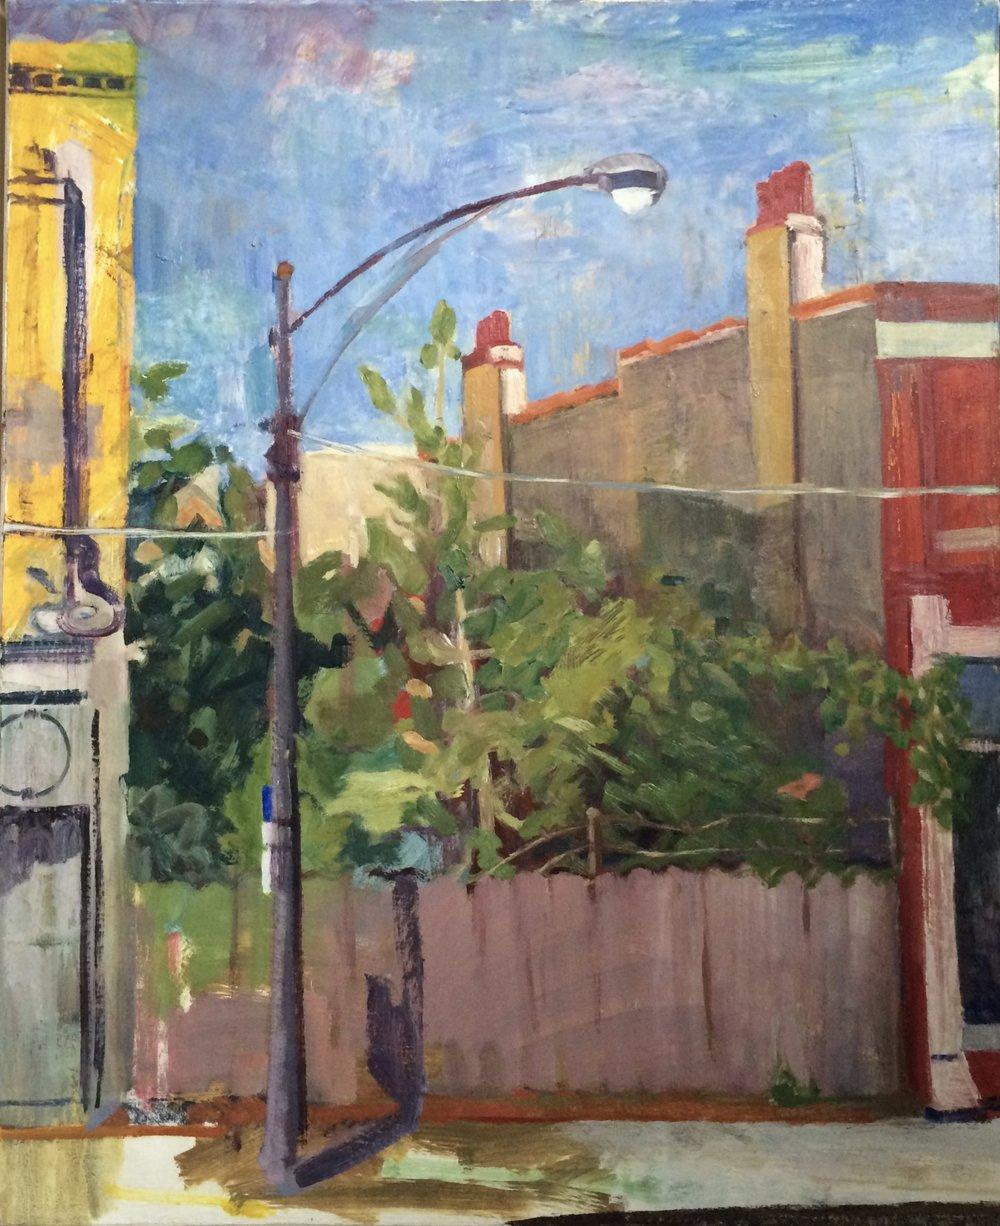 Eden on Grand Avenue, 2014